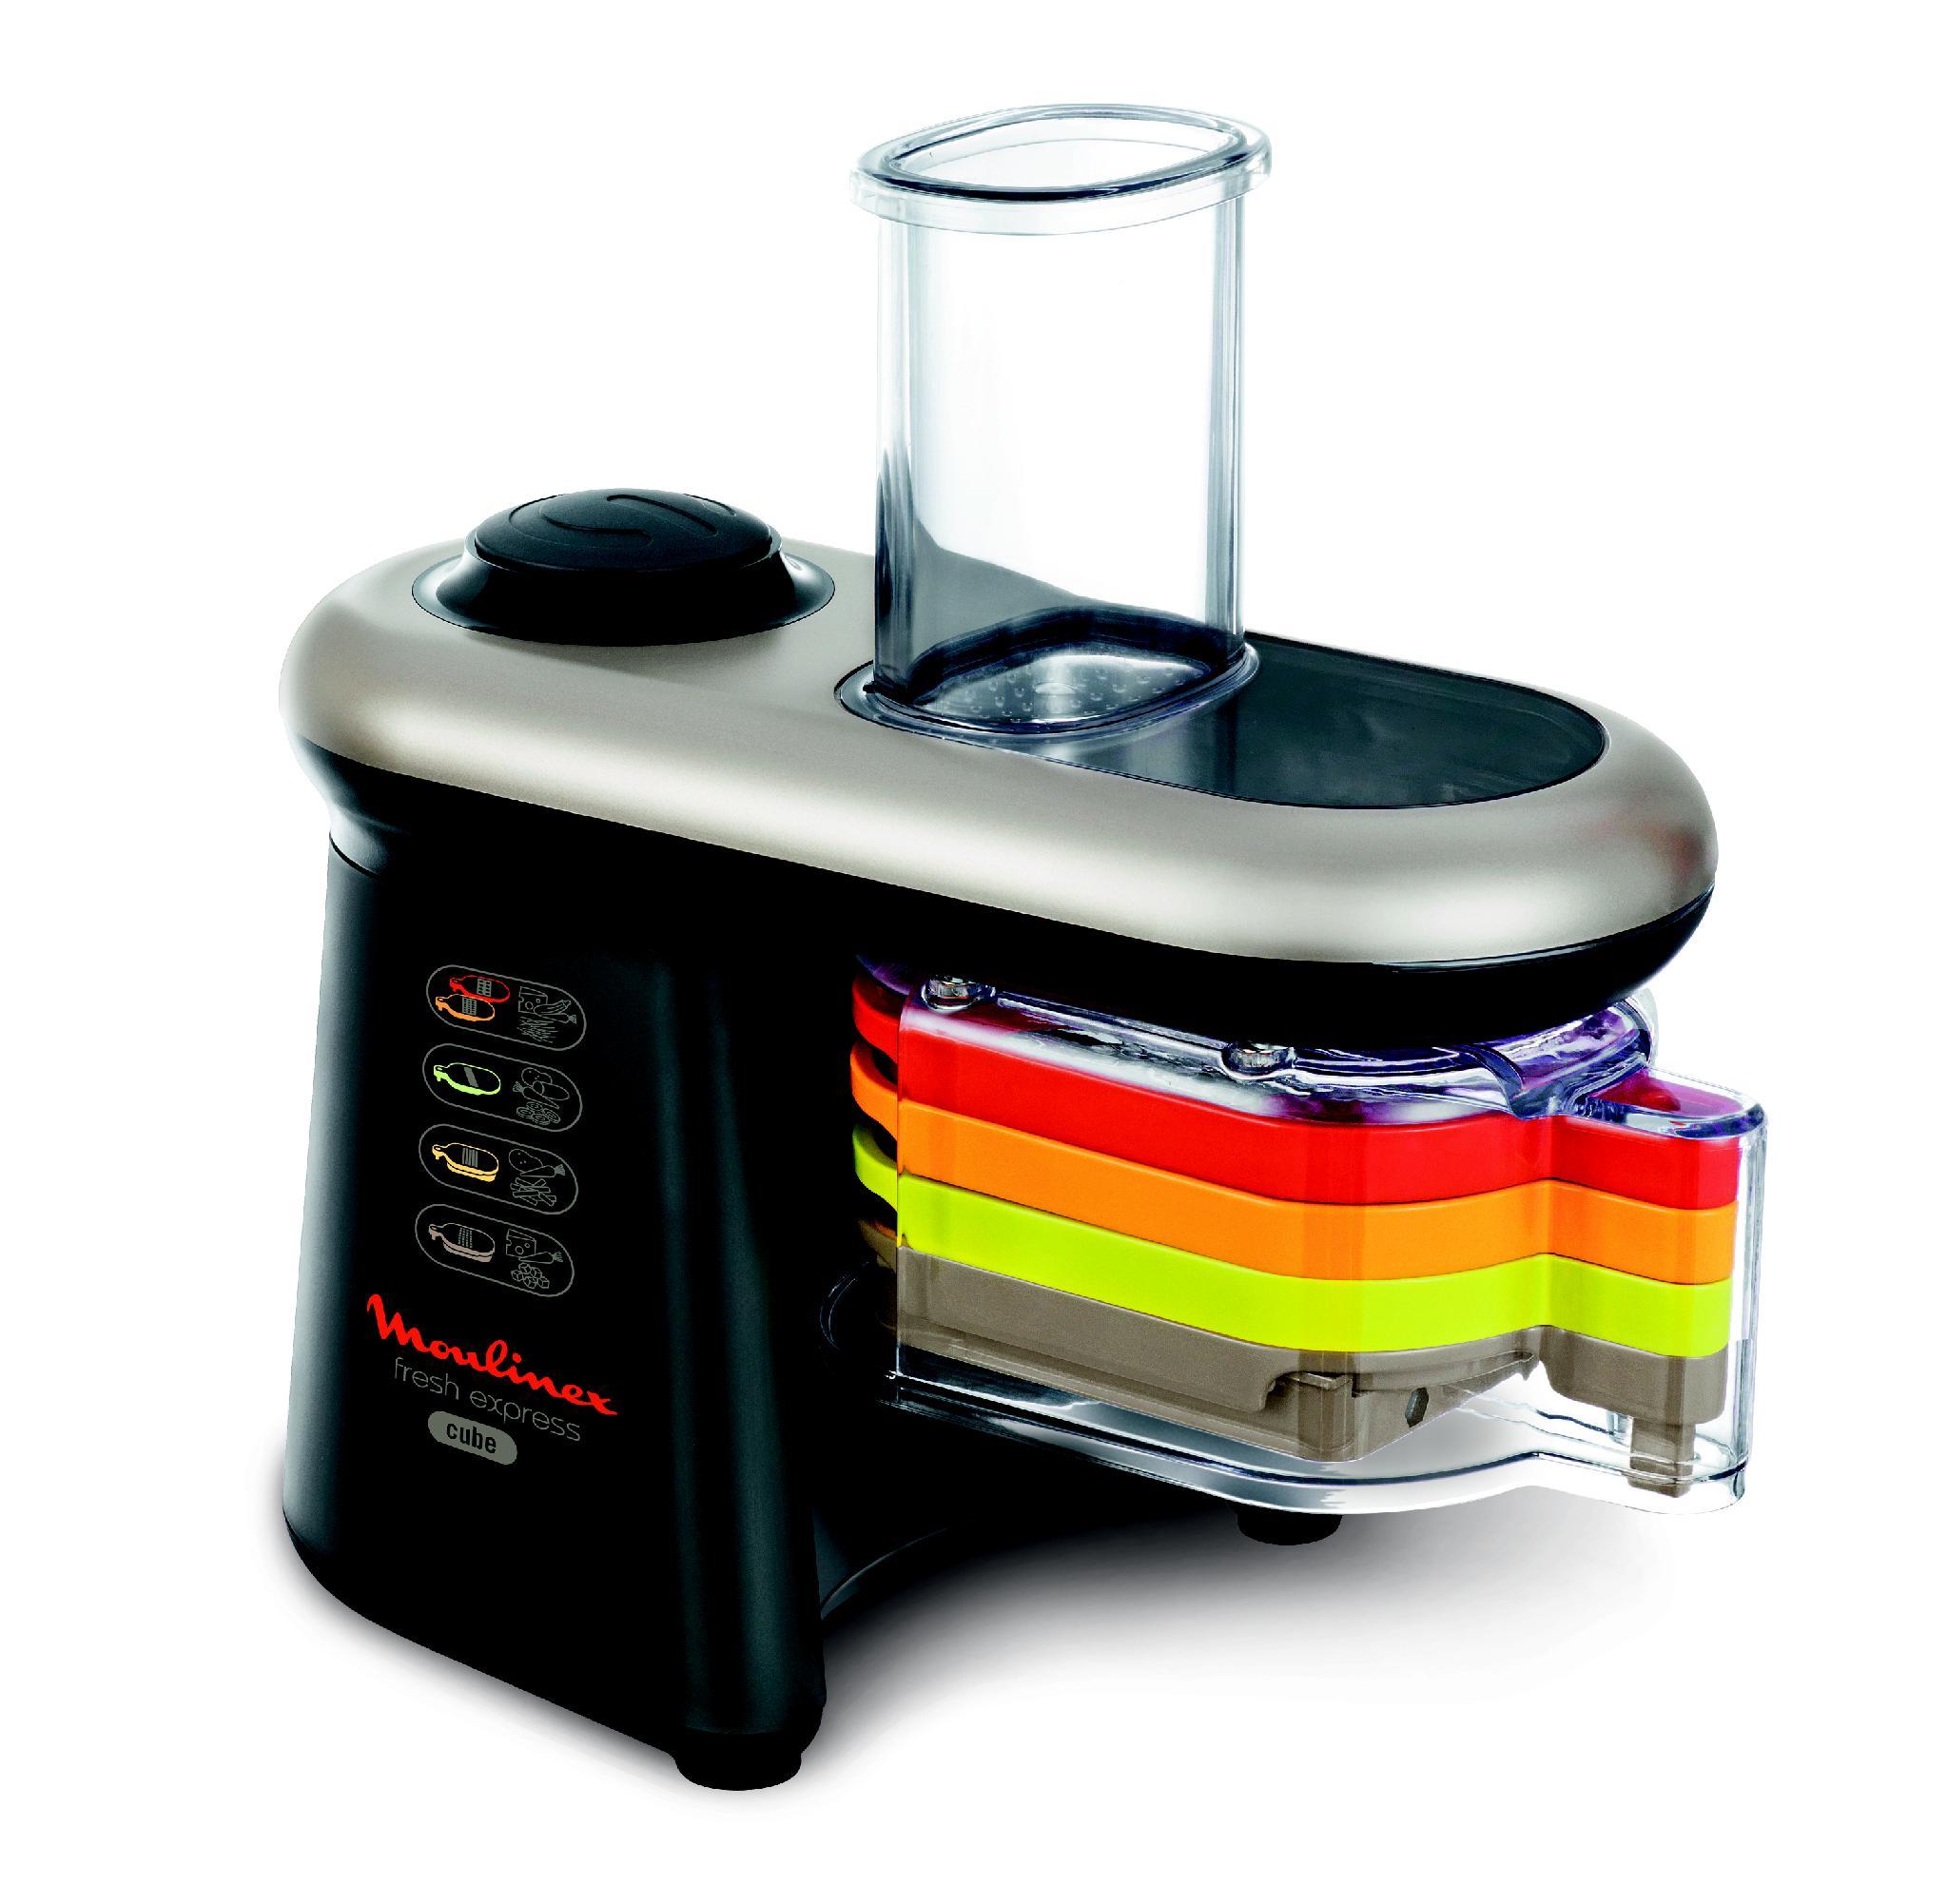 Универсальная резательная машина Moulinex Real Brand Technics 4840.000